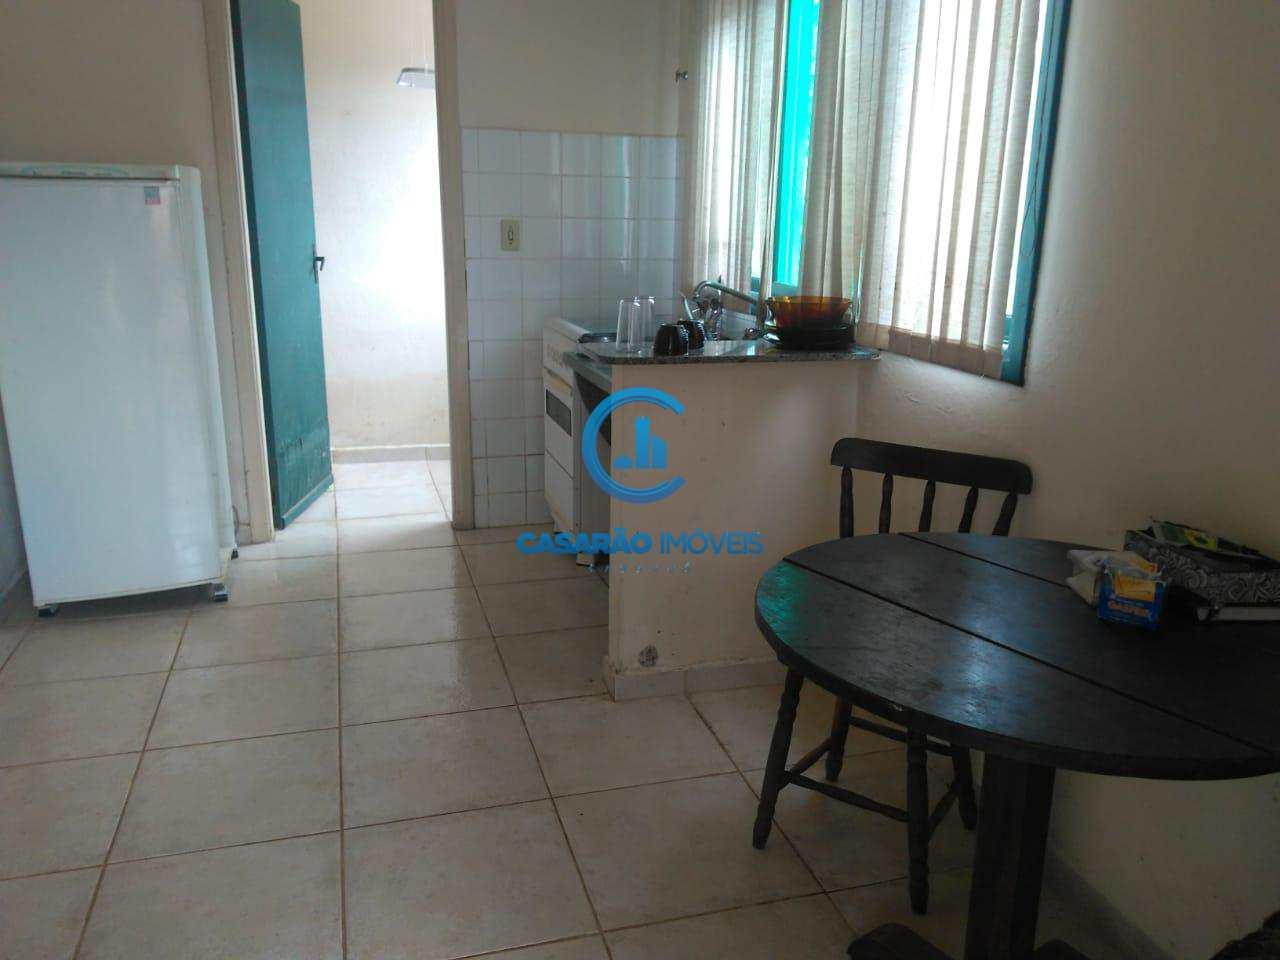 Casa de Condomínio com 1 dorm, Martim de Sá, Caraguatatuba - R$ 100.000,00, 35m² - Codigo: 1113